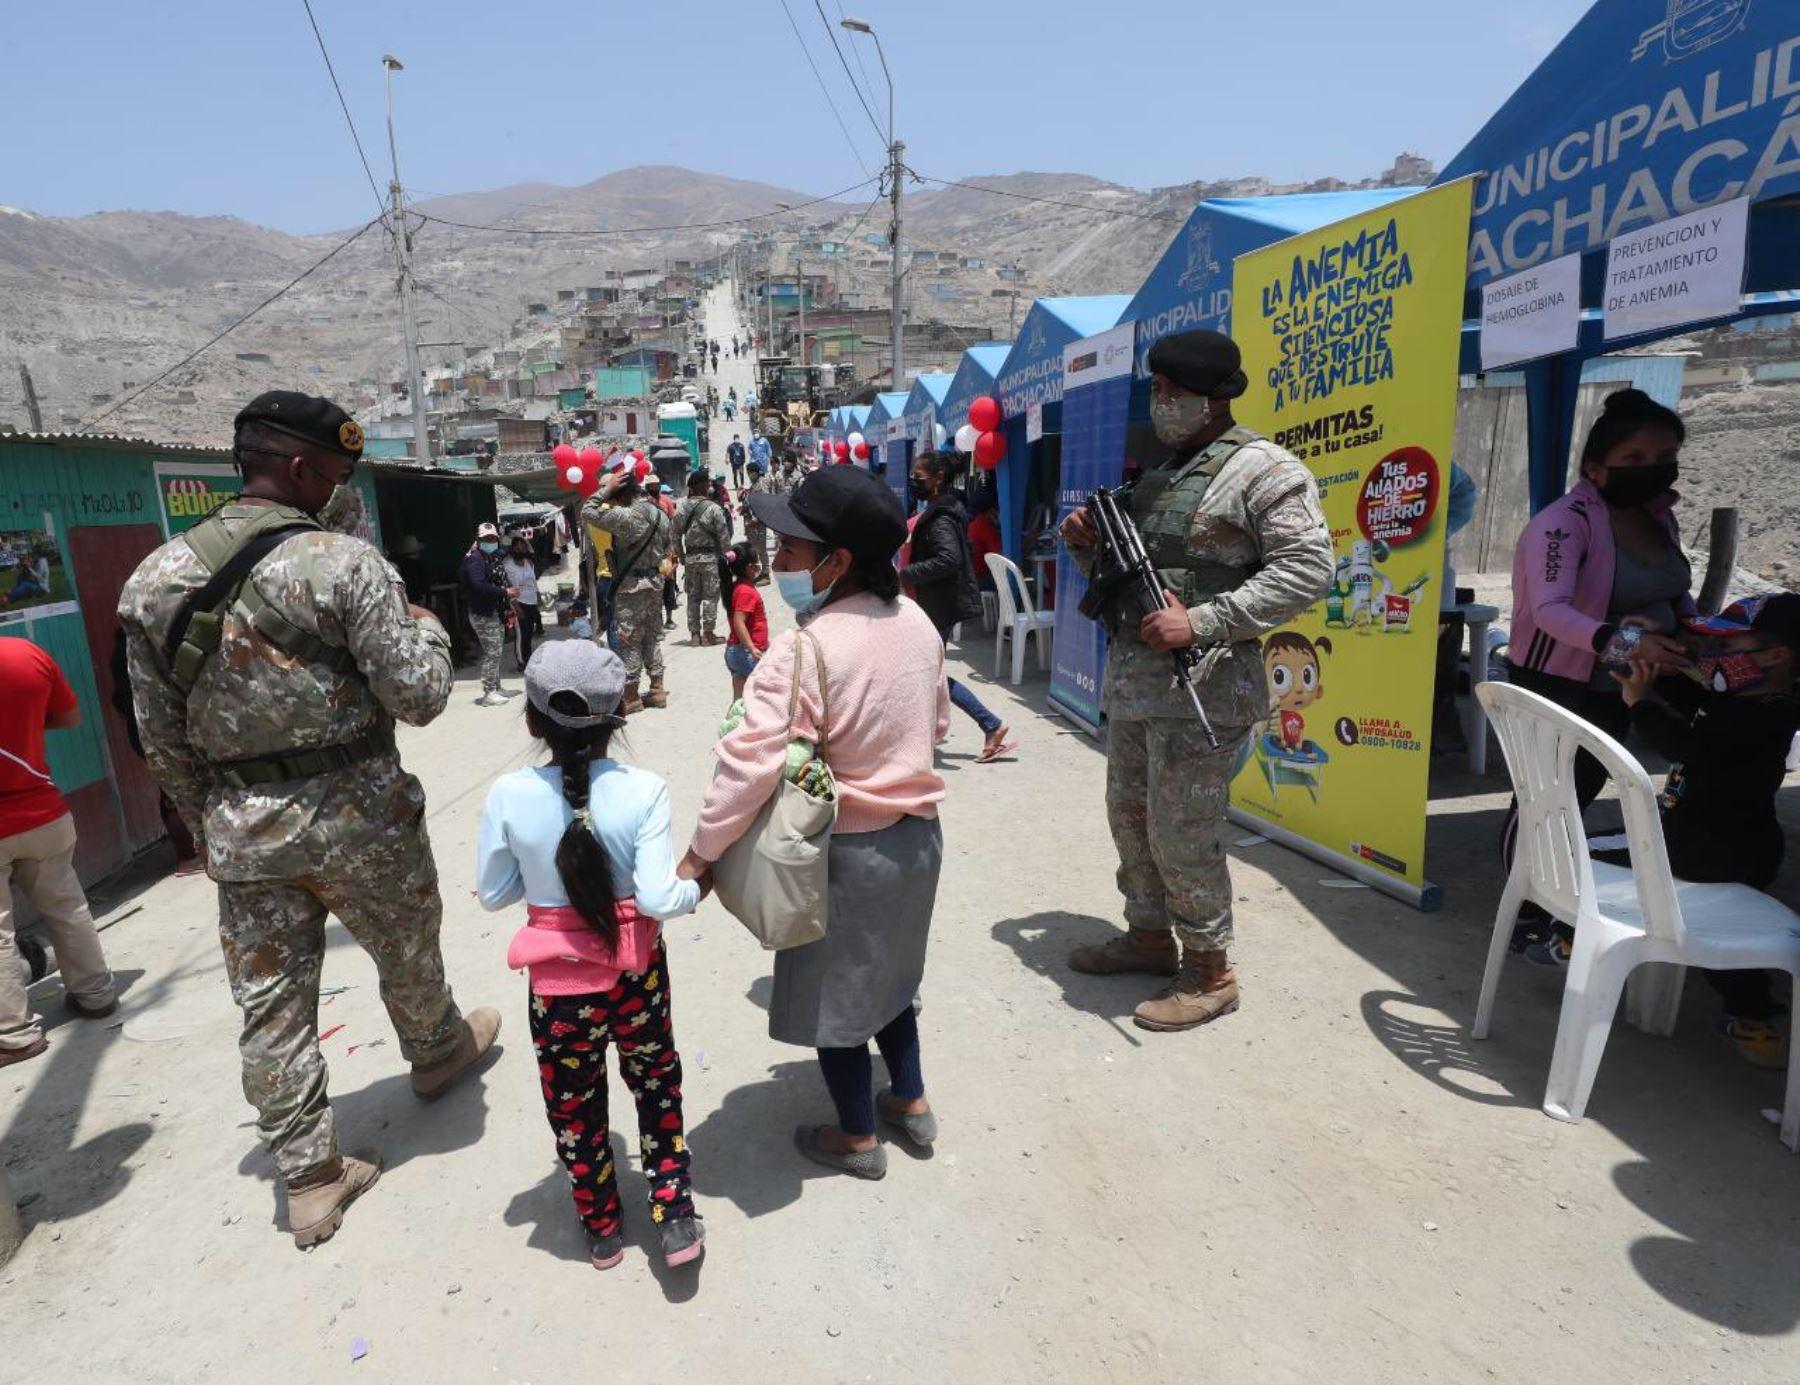 Ministerio de Defensa realiza acción cívica multisectorial en Pachacamac